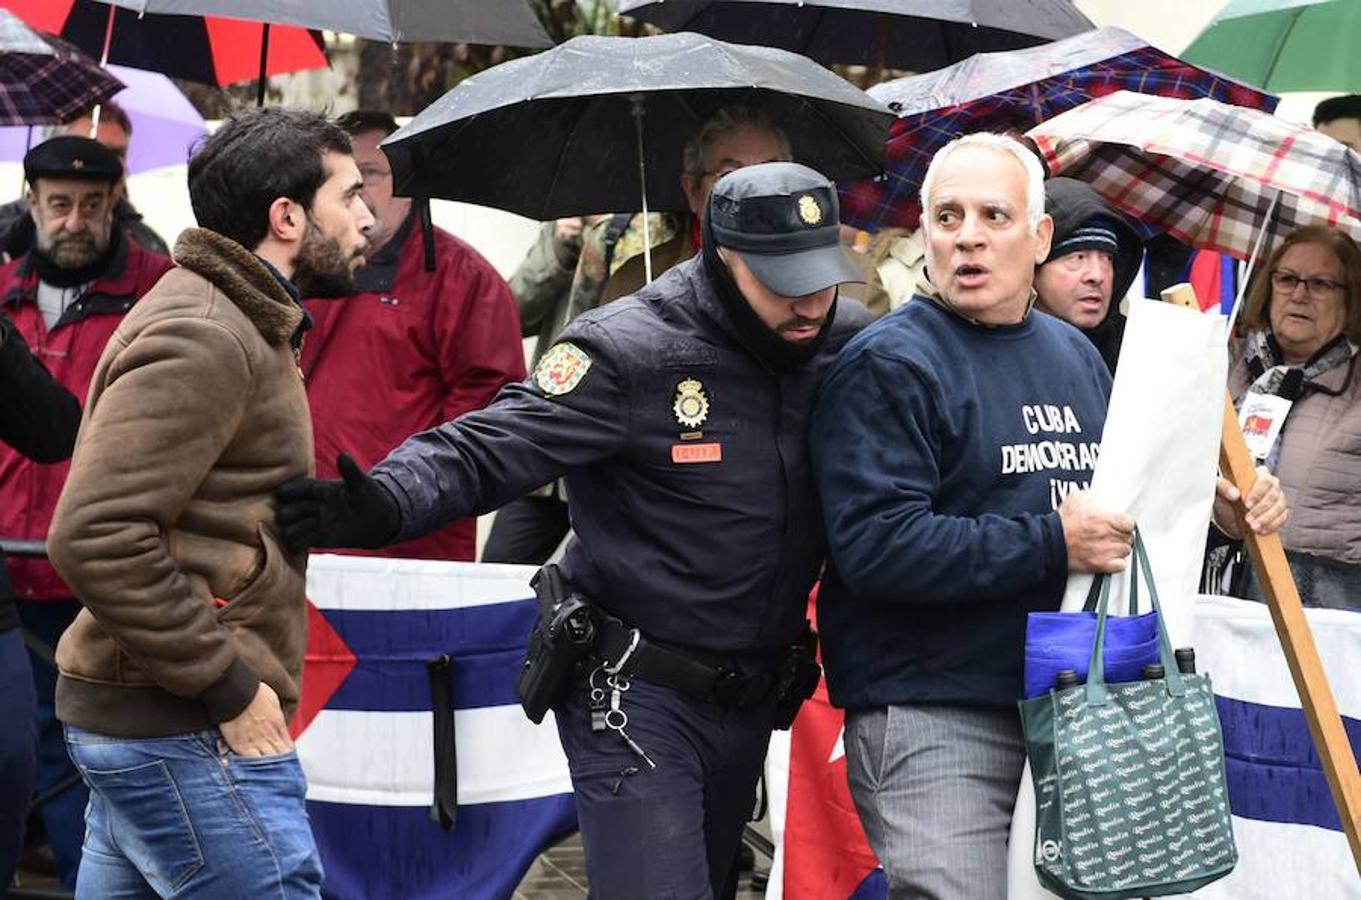 Castristas y disidentes se han enfrentado hoy ante la embajada de Cuba en Madridse han enfrentado hoy ante la embajada de Cuba en Madrid durante la concentración de unos y otros con motivo de la muerte de Fidel Castro.